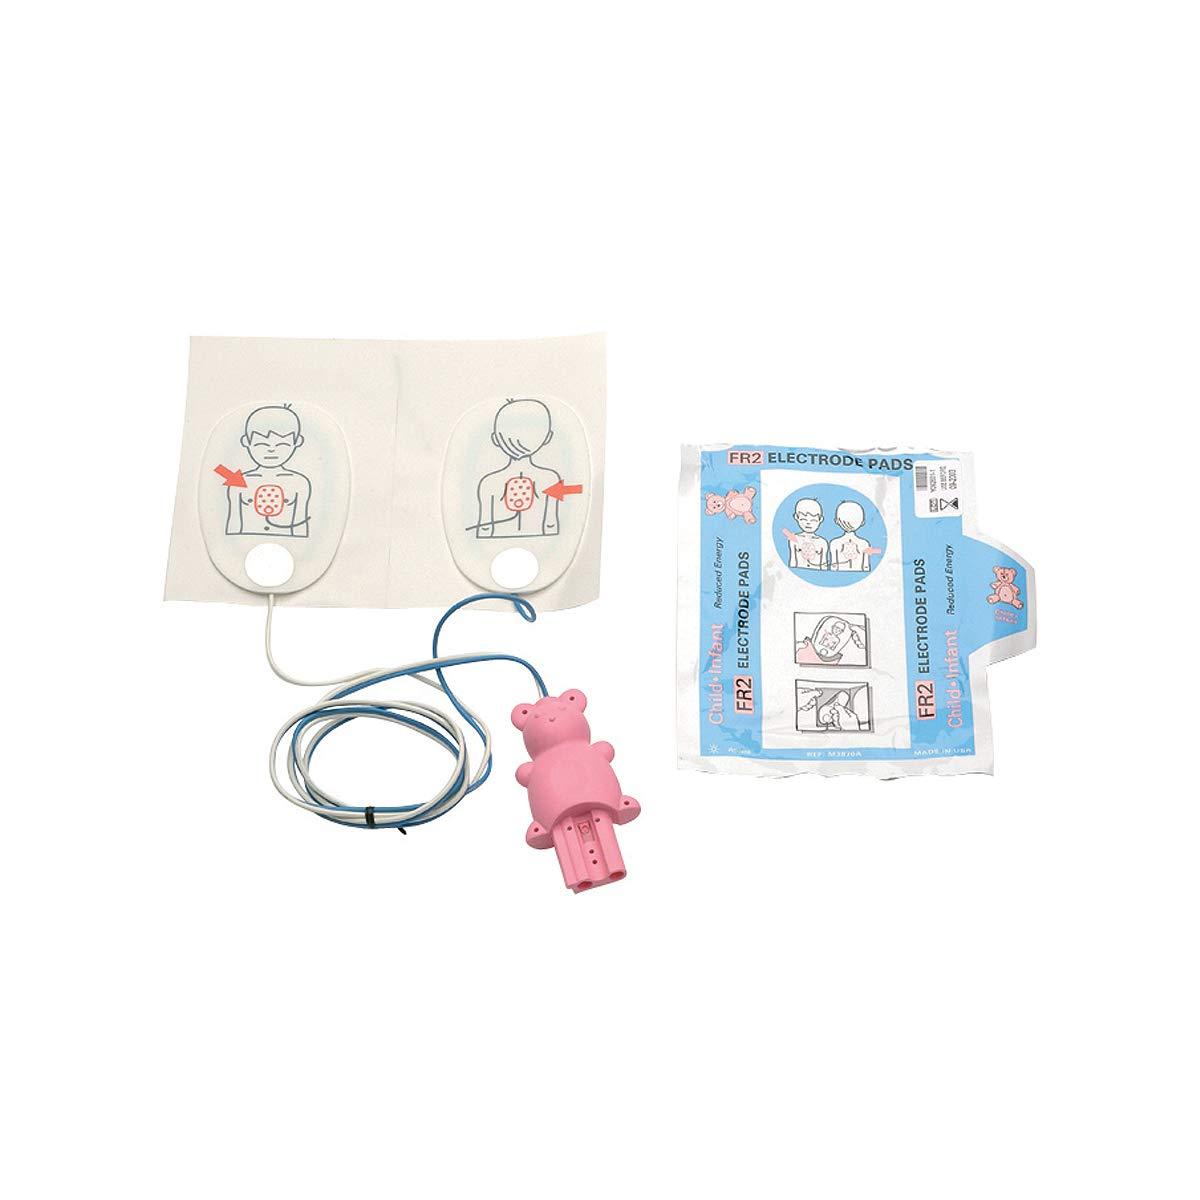 Philips - Almohadillas para desfibrilador de pediatría